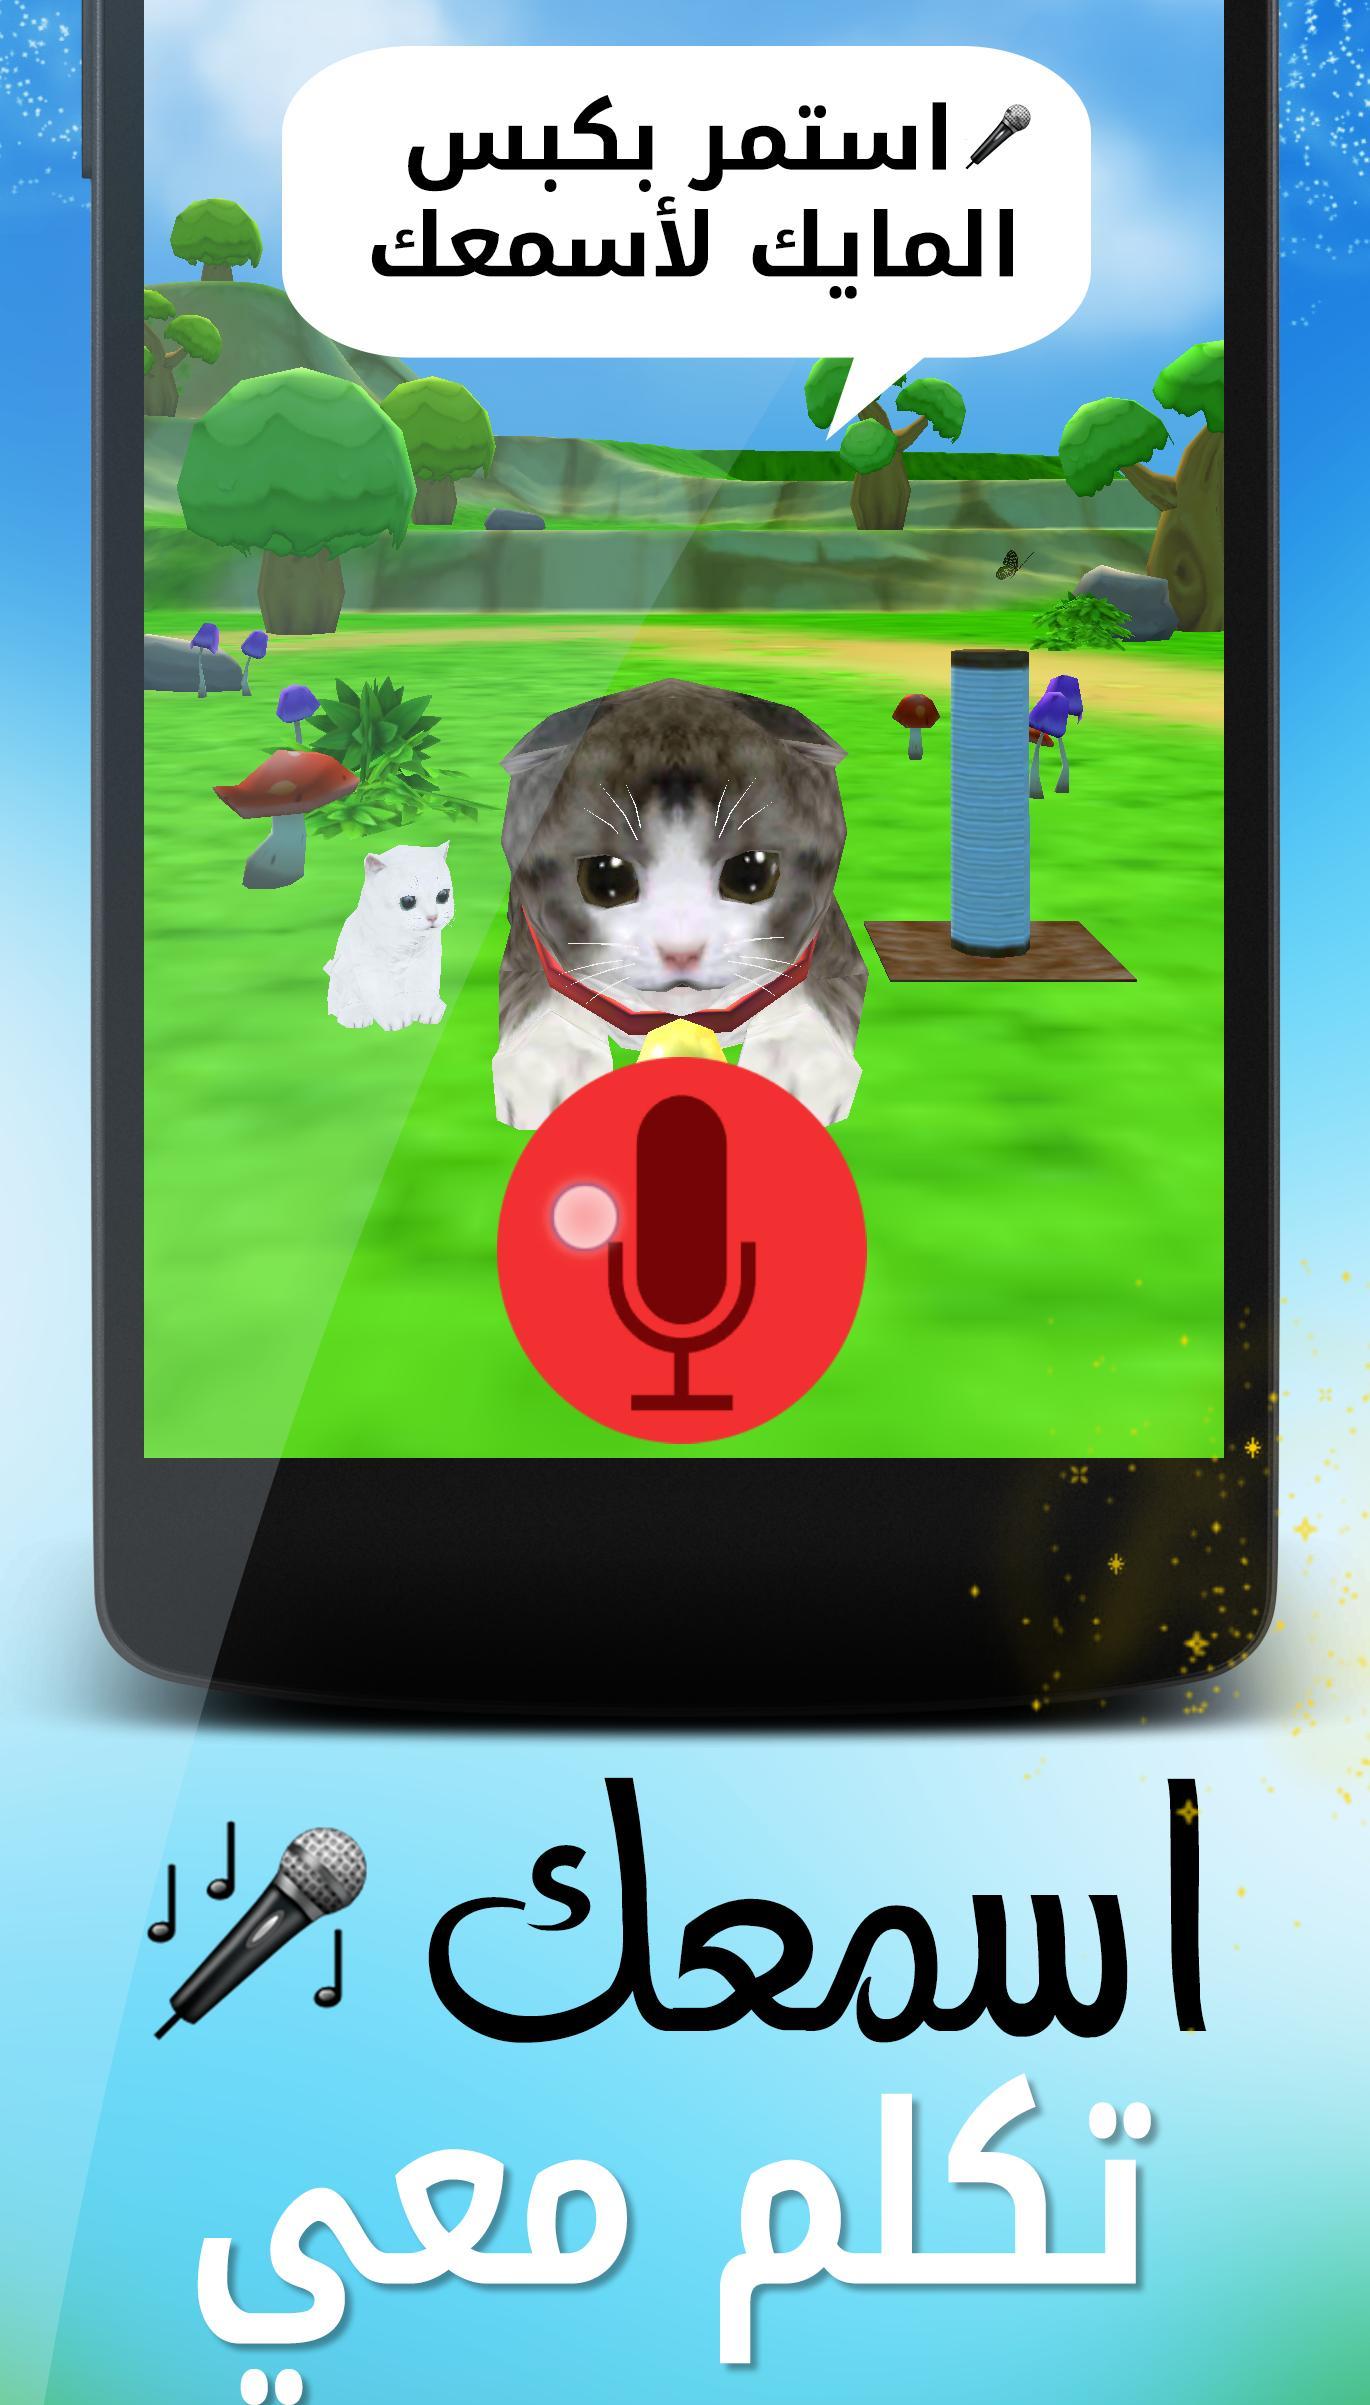 تحميل لعبة قطة متكلمة